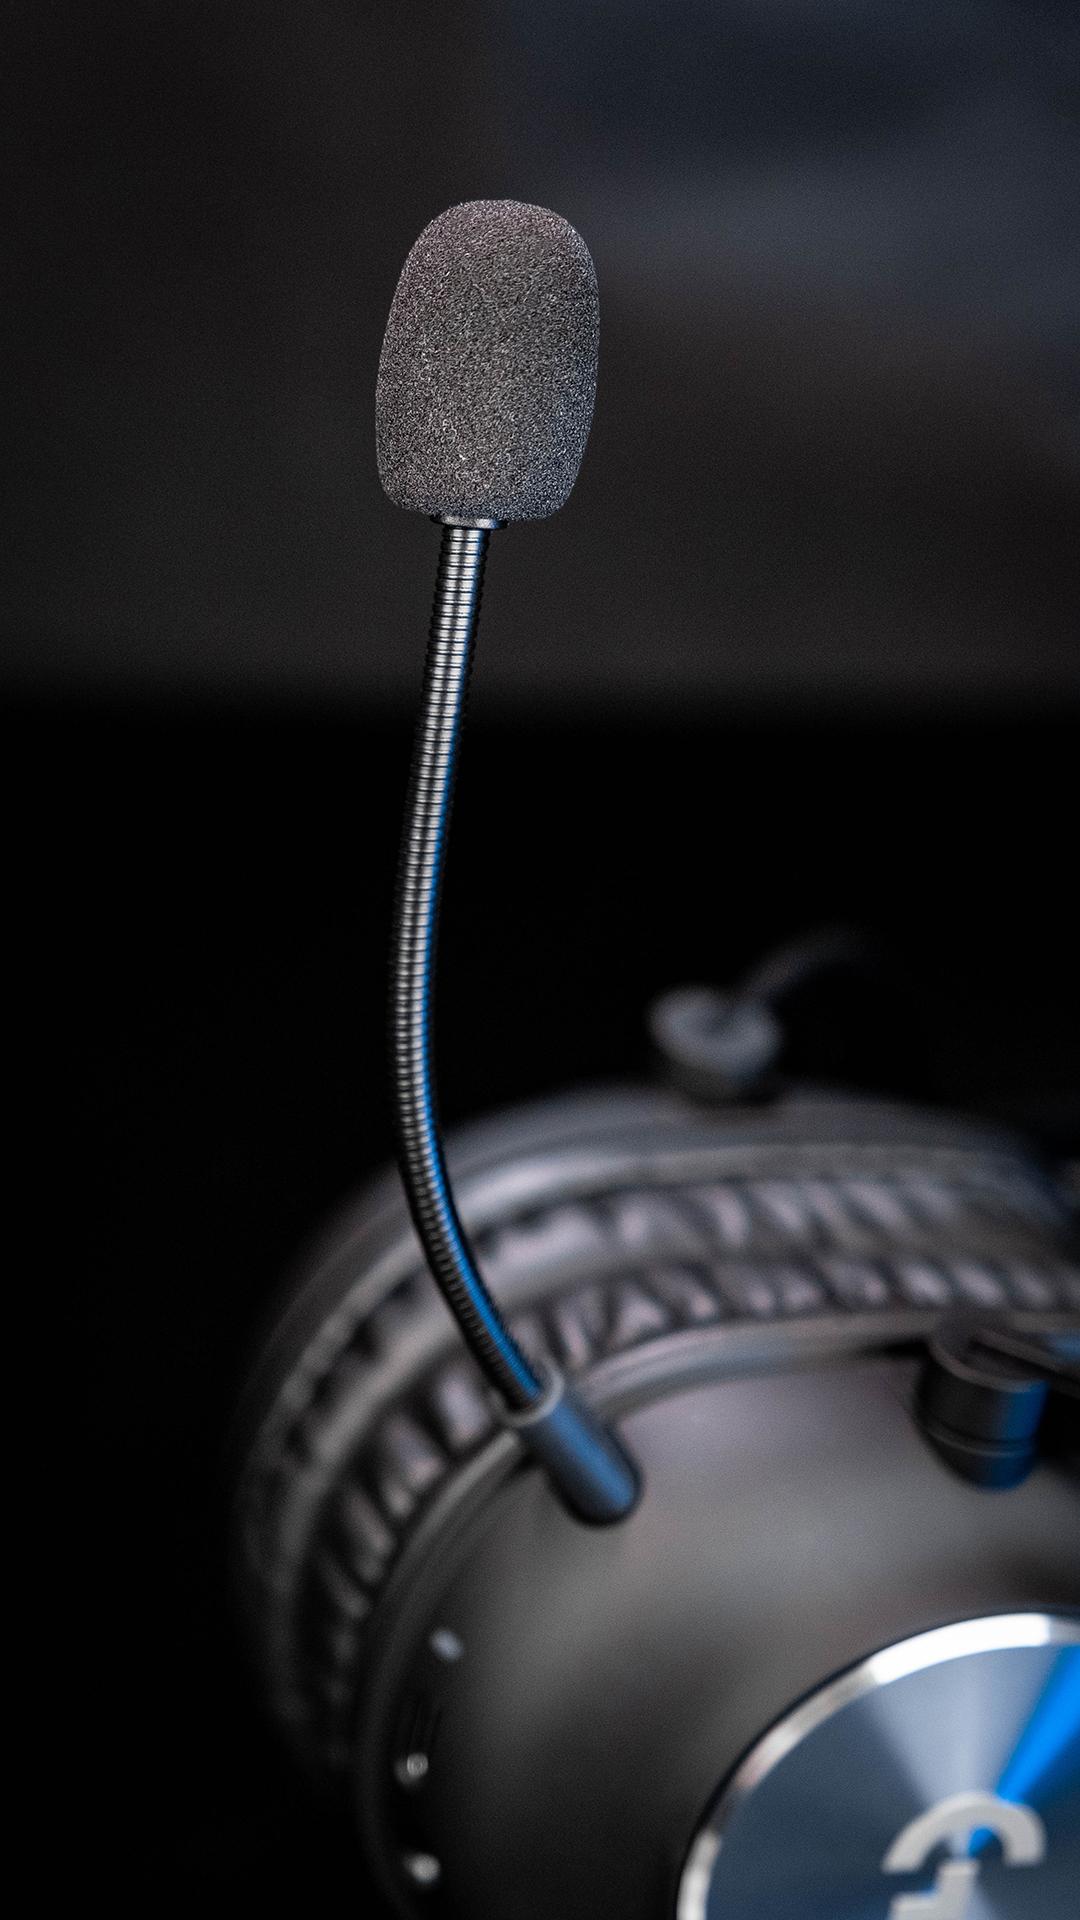 Logitech Pro X Wireless Gaming-Headset Mikrofon